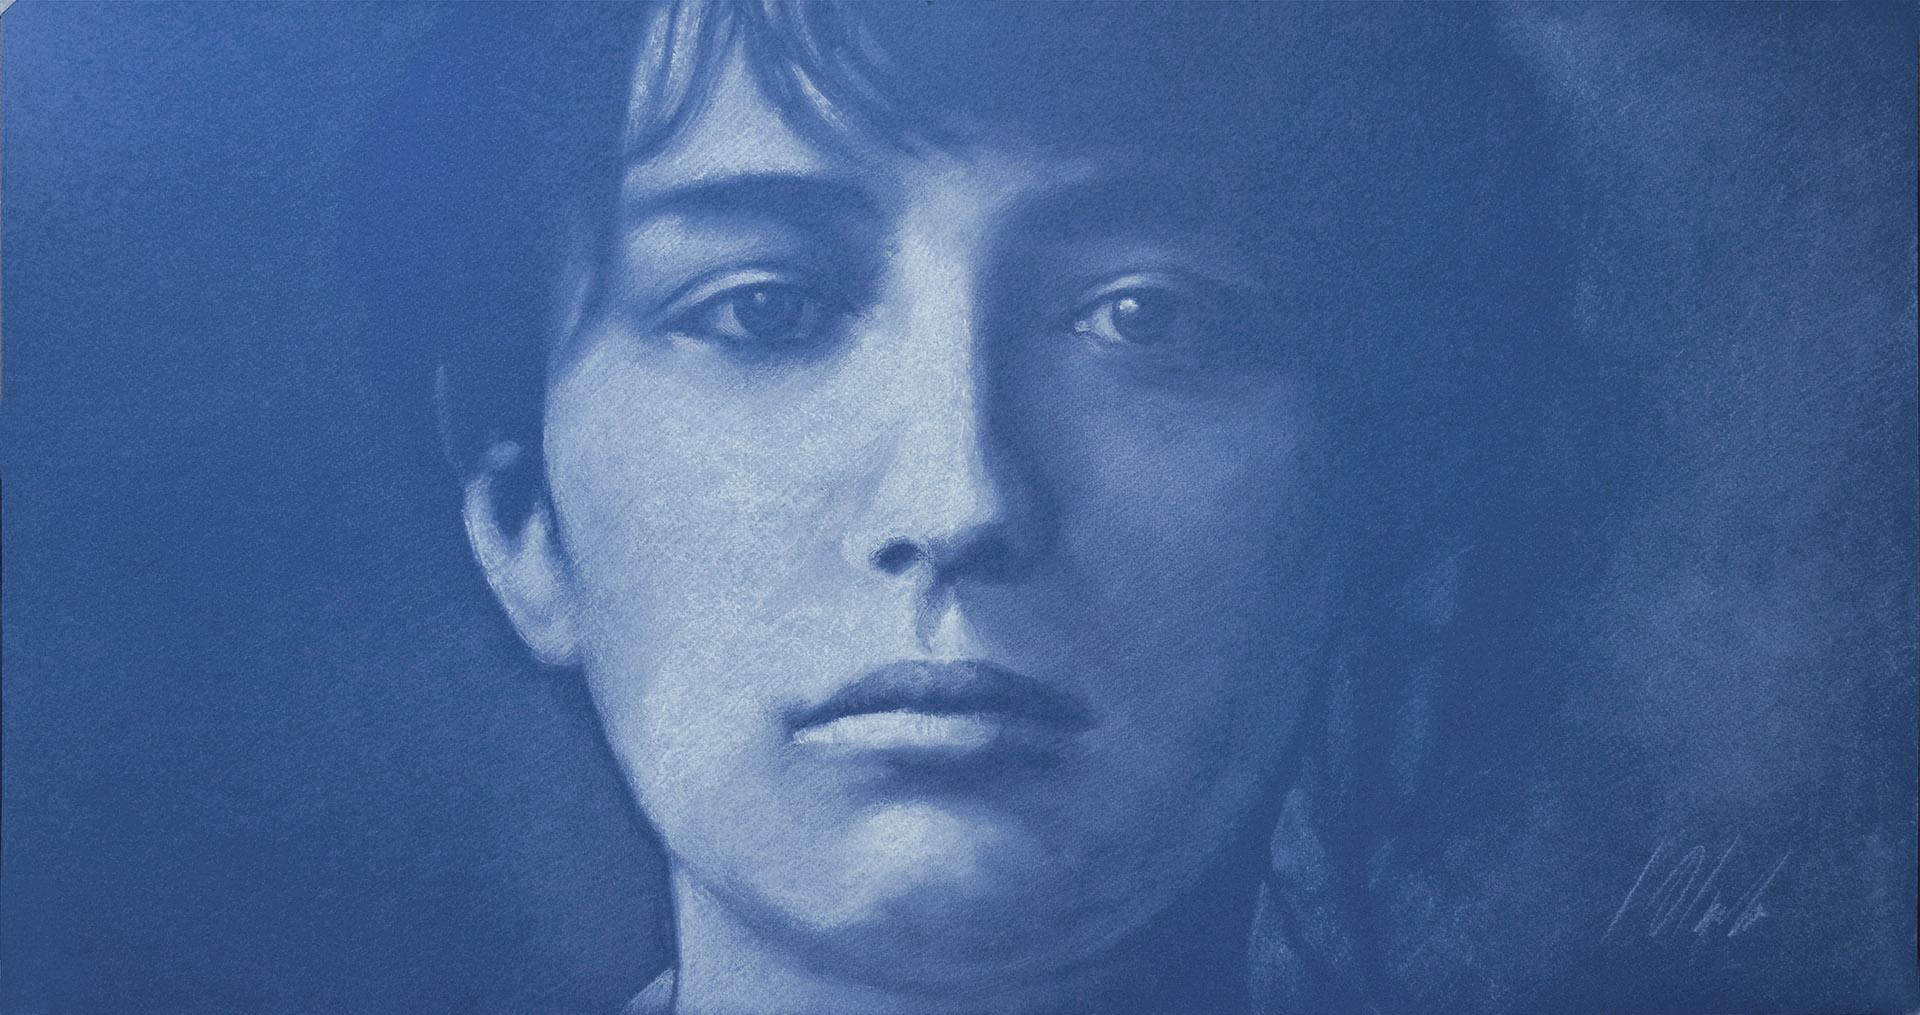 Retrato de Camille Claudel.  Javier Olmedo, pastel blanco sobre papel azul de 70 x 40 cm. Año 2016. PV 165 €